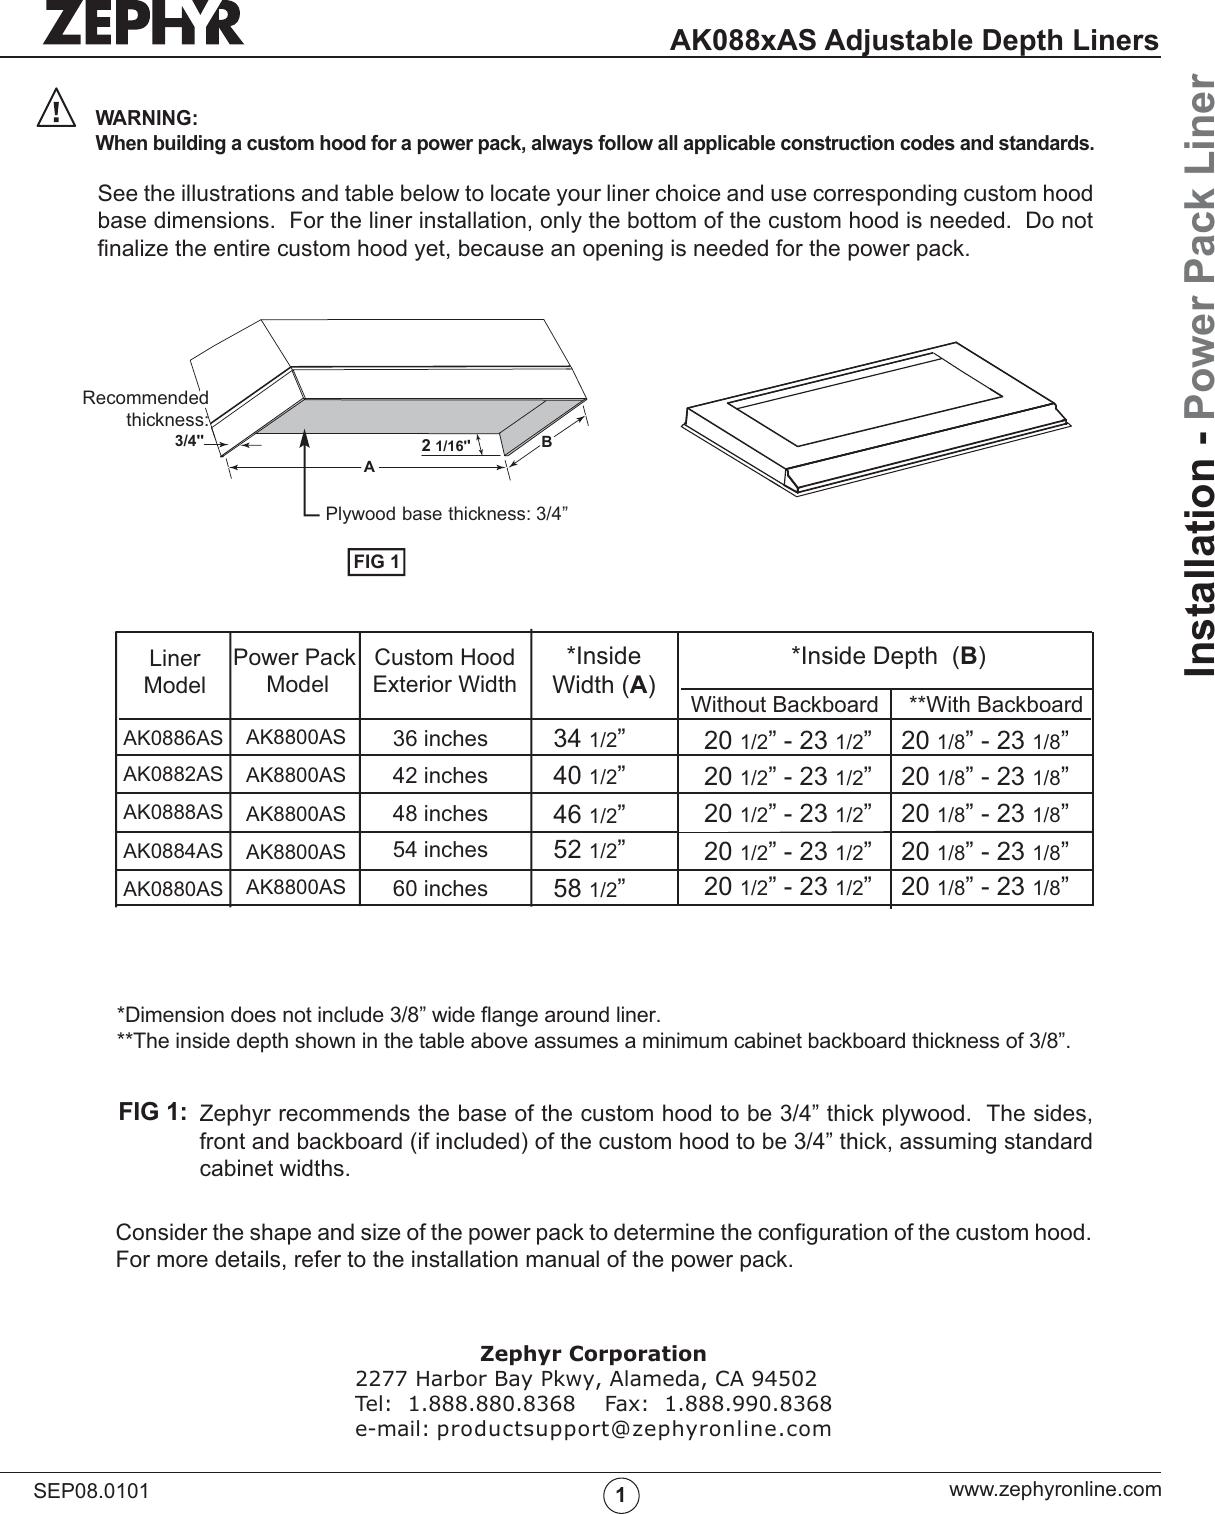 zephyr ak088xas users manual ak08xxas liner 2 rh usermanual wiki zephyr owners manual zephyr owners manual